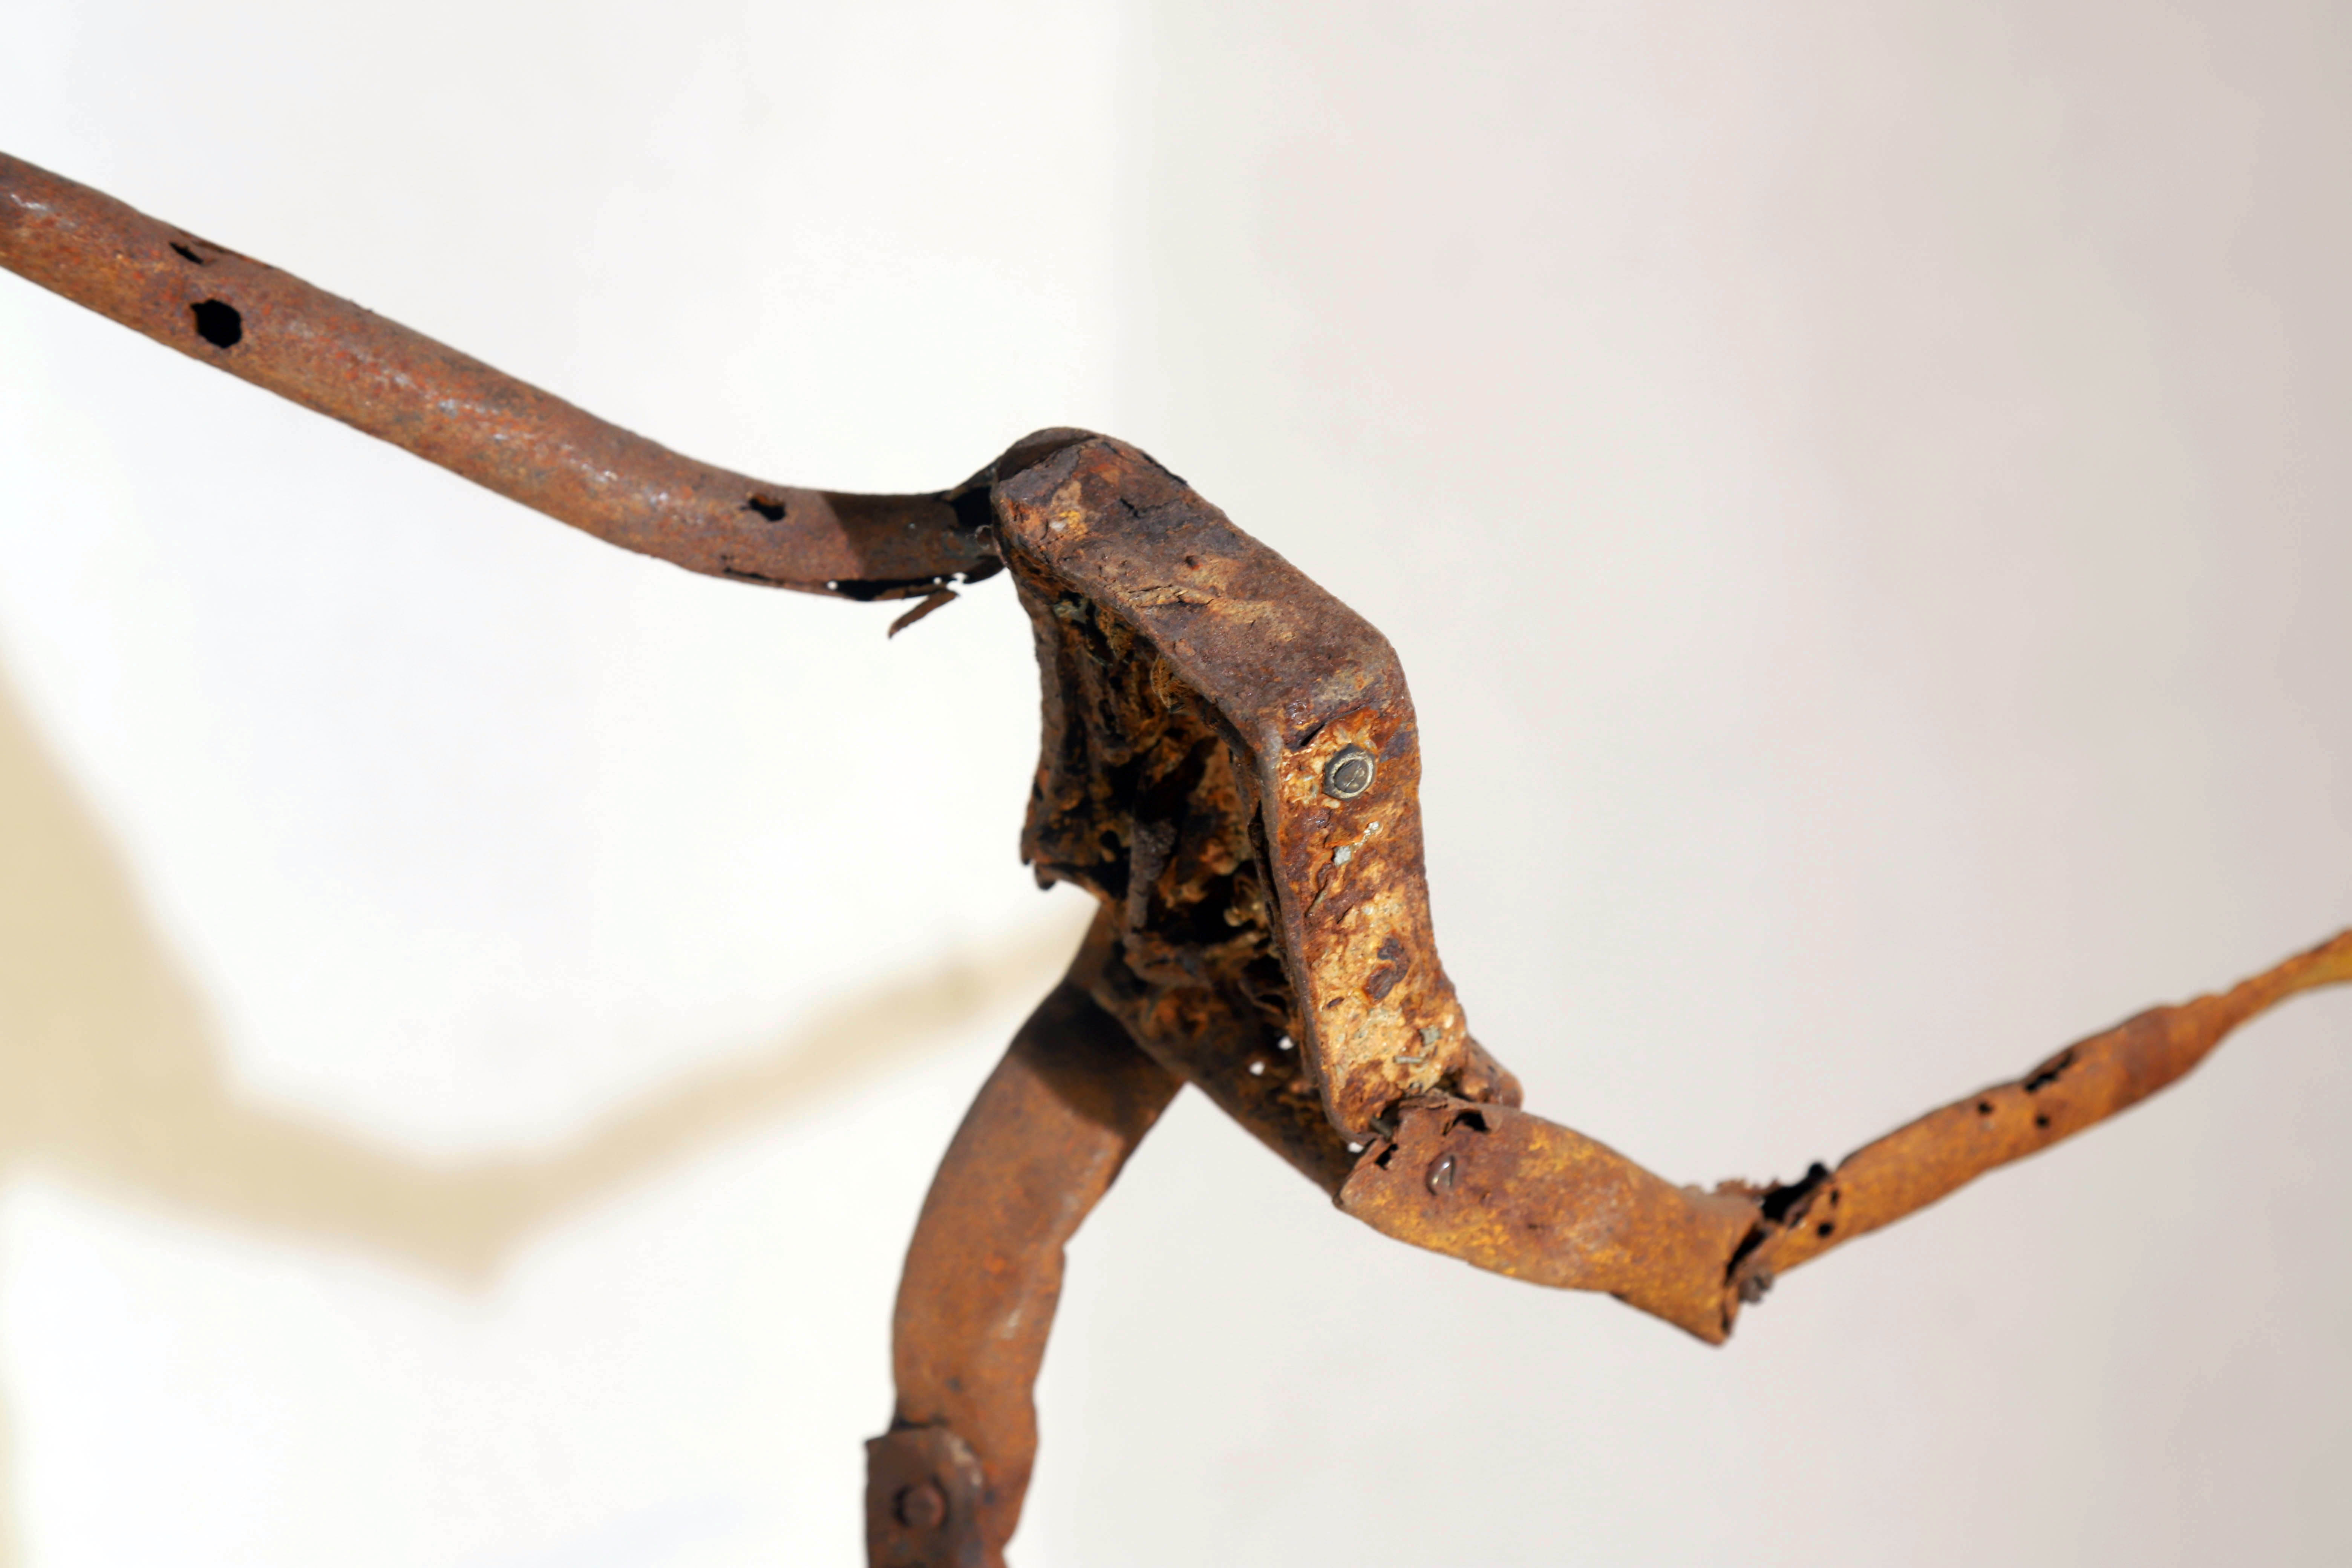 Antonio Panzuto - sculture Ruggini - Figura danzante 2 - Rusty sculpture Dancing figure